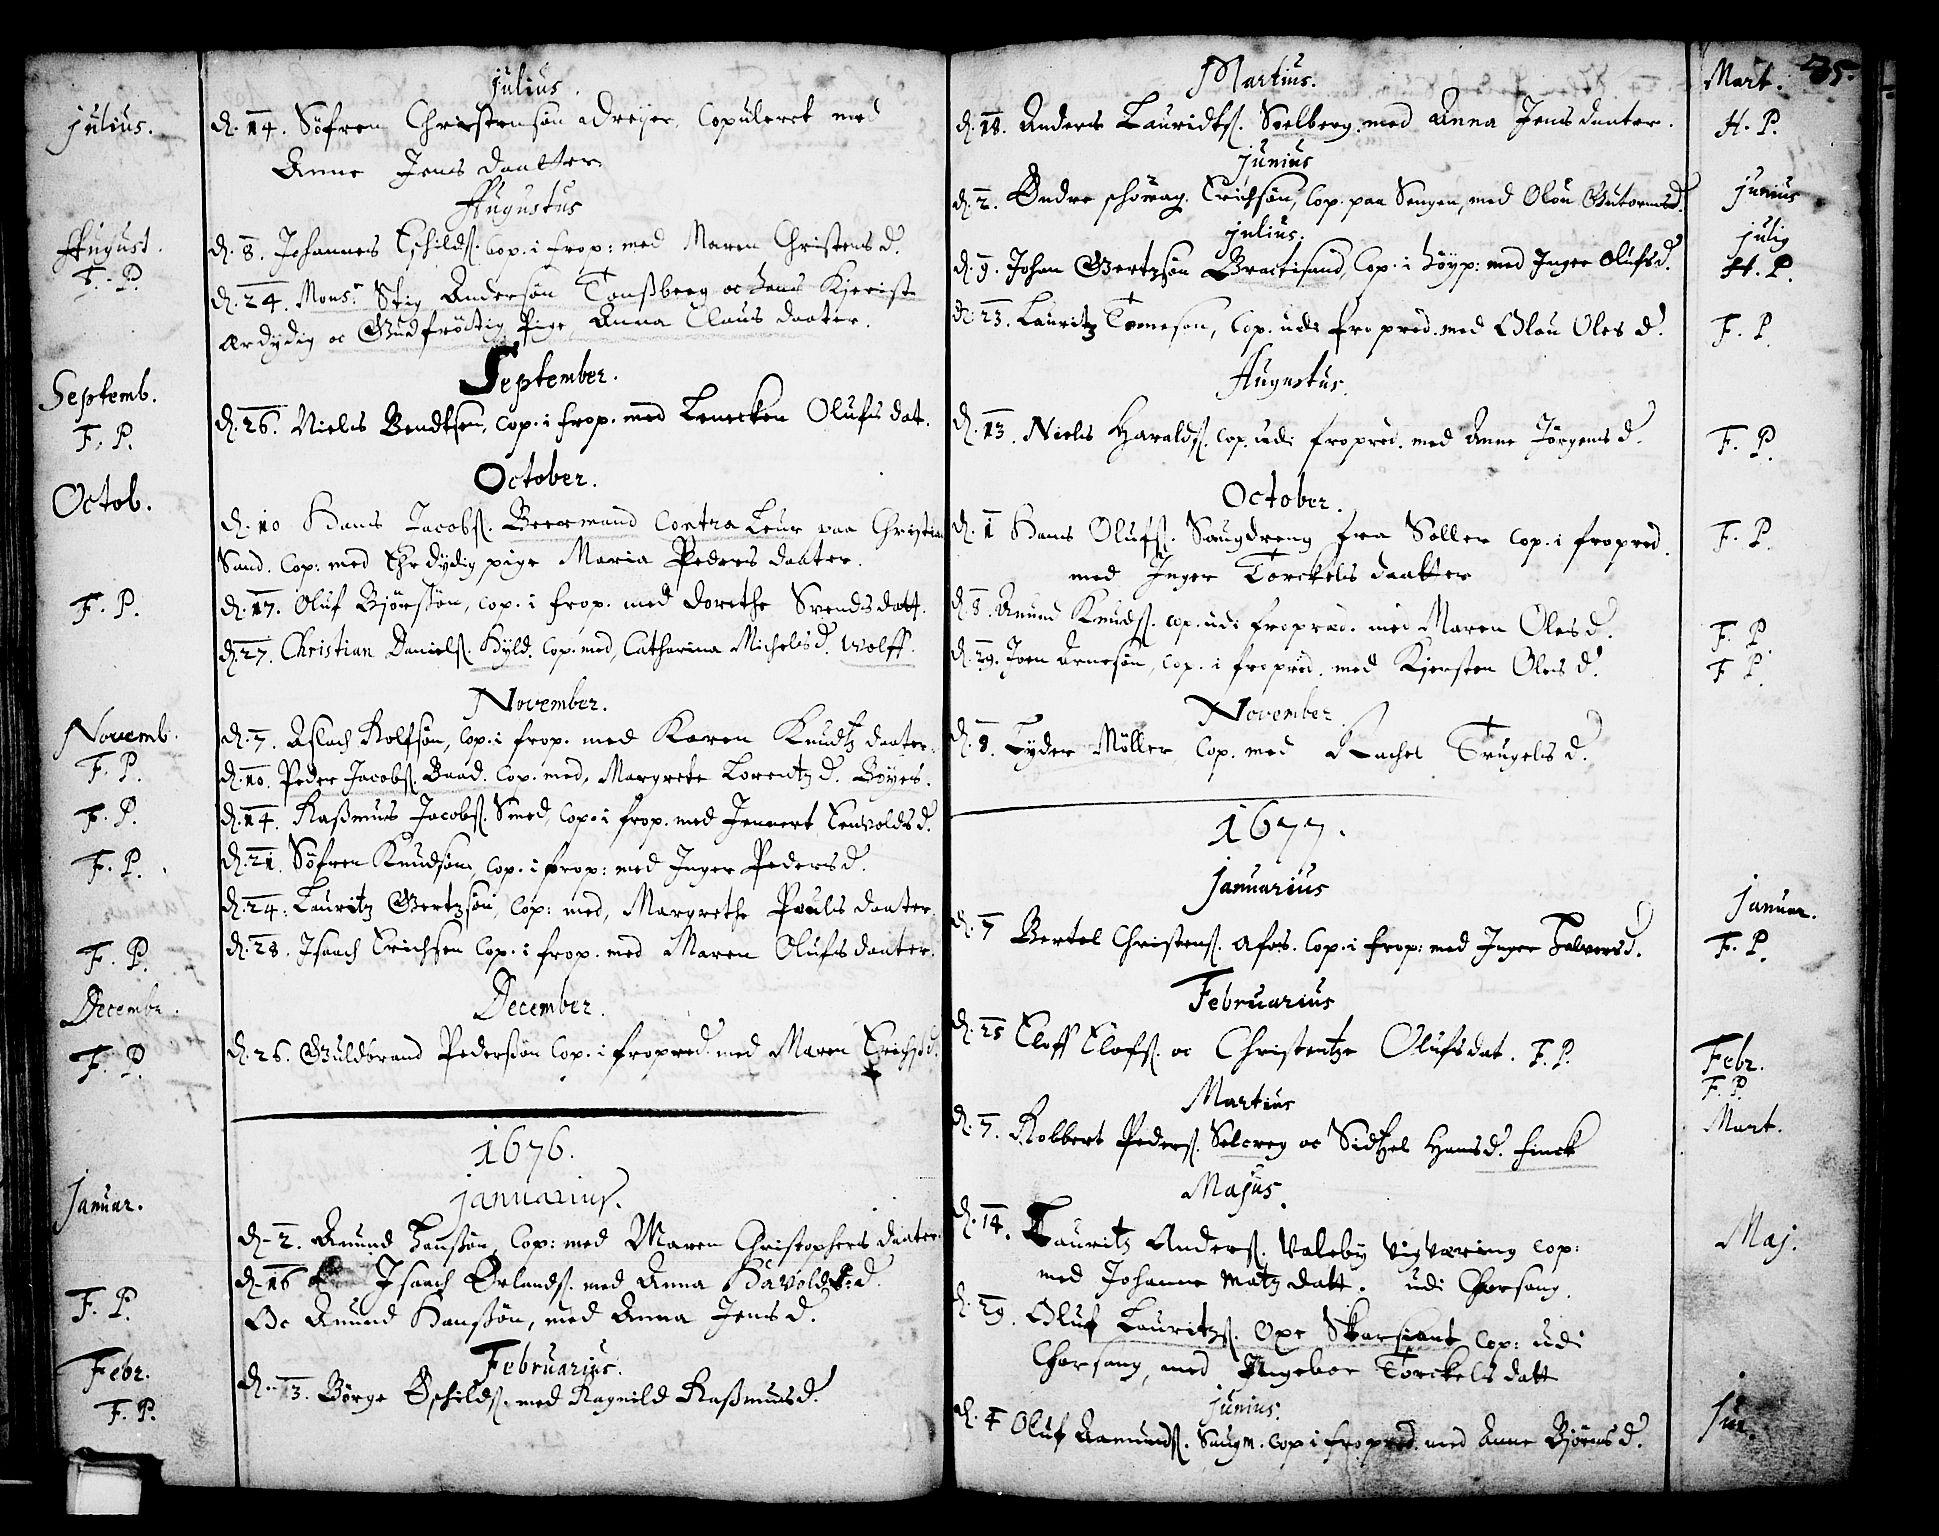 SAKO, Skien kirkebøker, F/Fa/L0001: Ministerialbok nr. 1, 1659-1679, s. 35